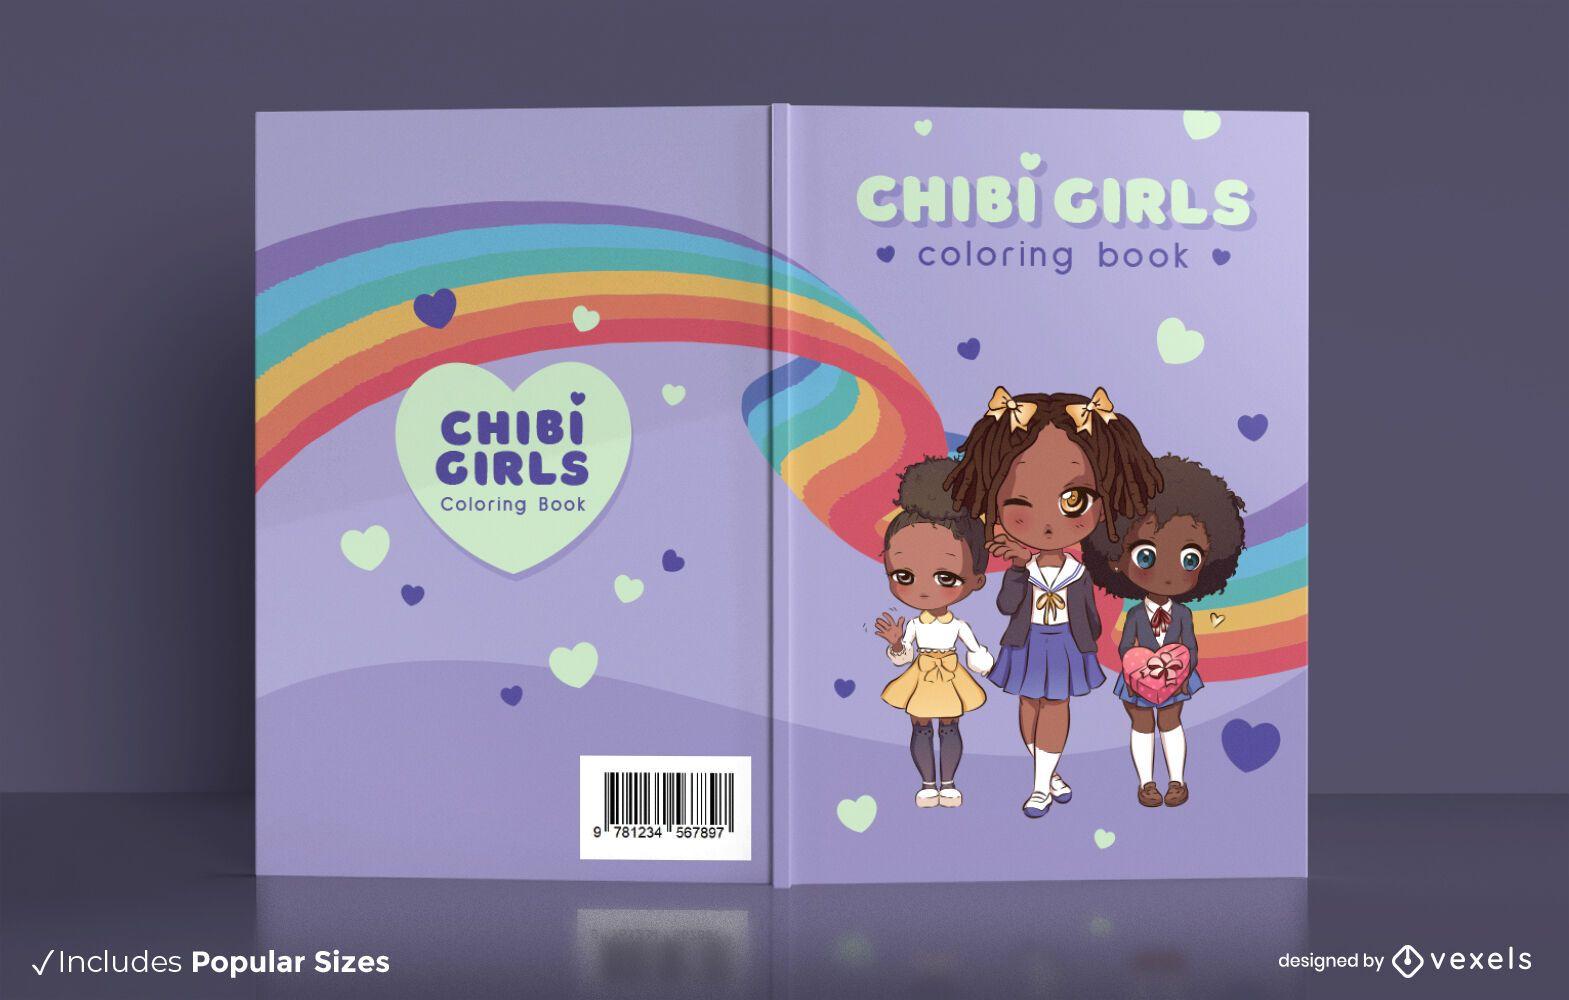 Dise?o de portada de libro para colorear de chicas chibi